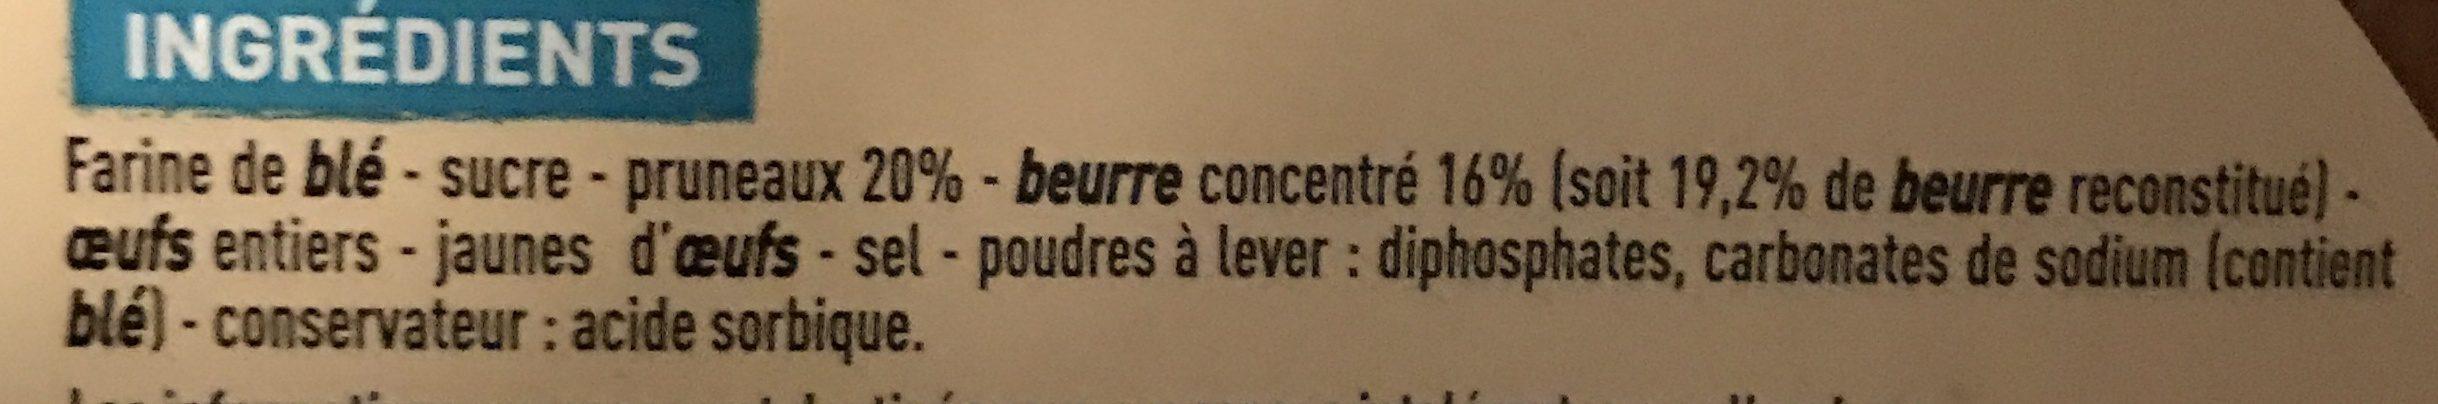 Gâteau breton fourré à la crème de pruneaux pur beurre - Ingrediënten - fr